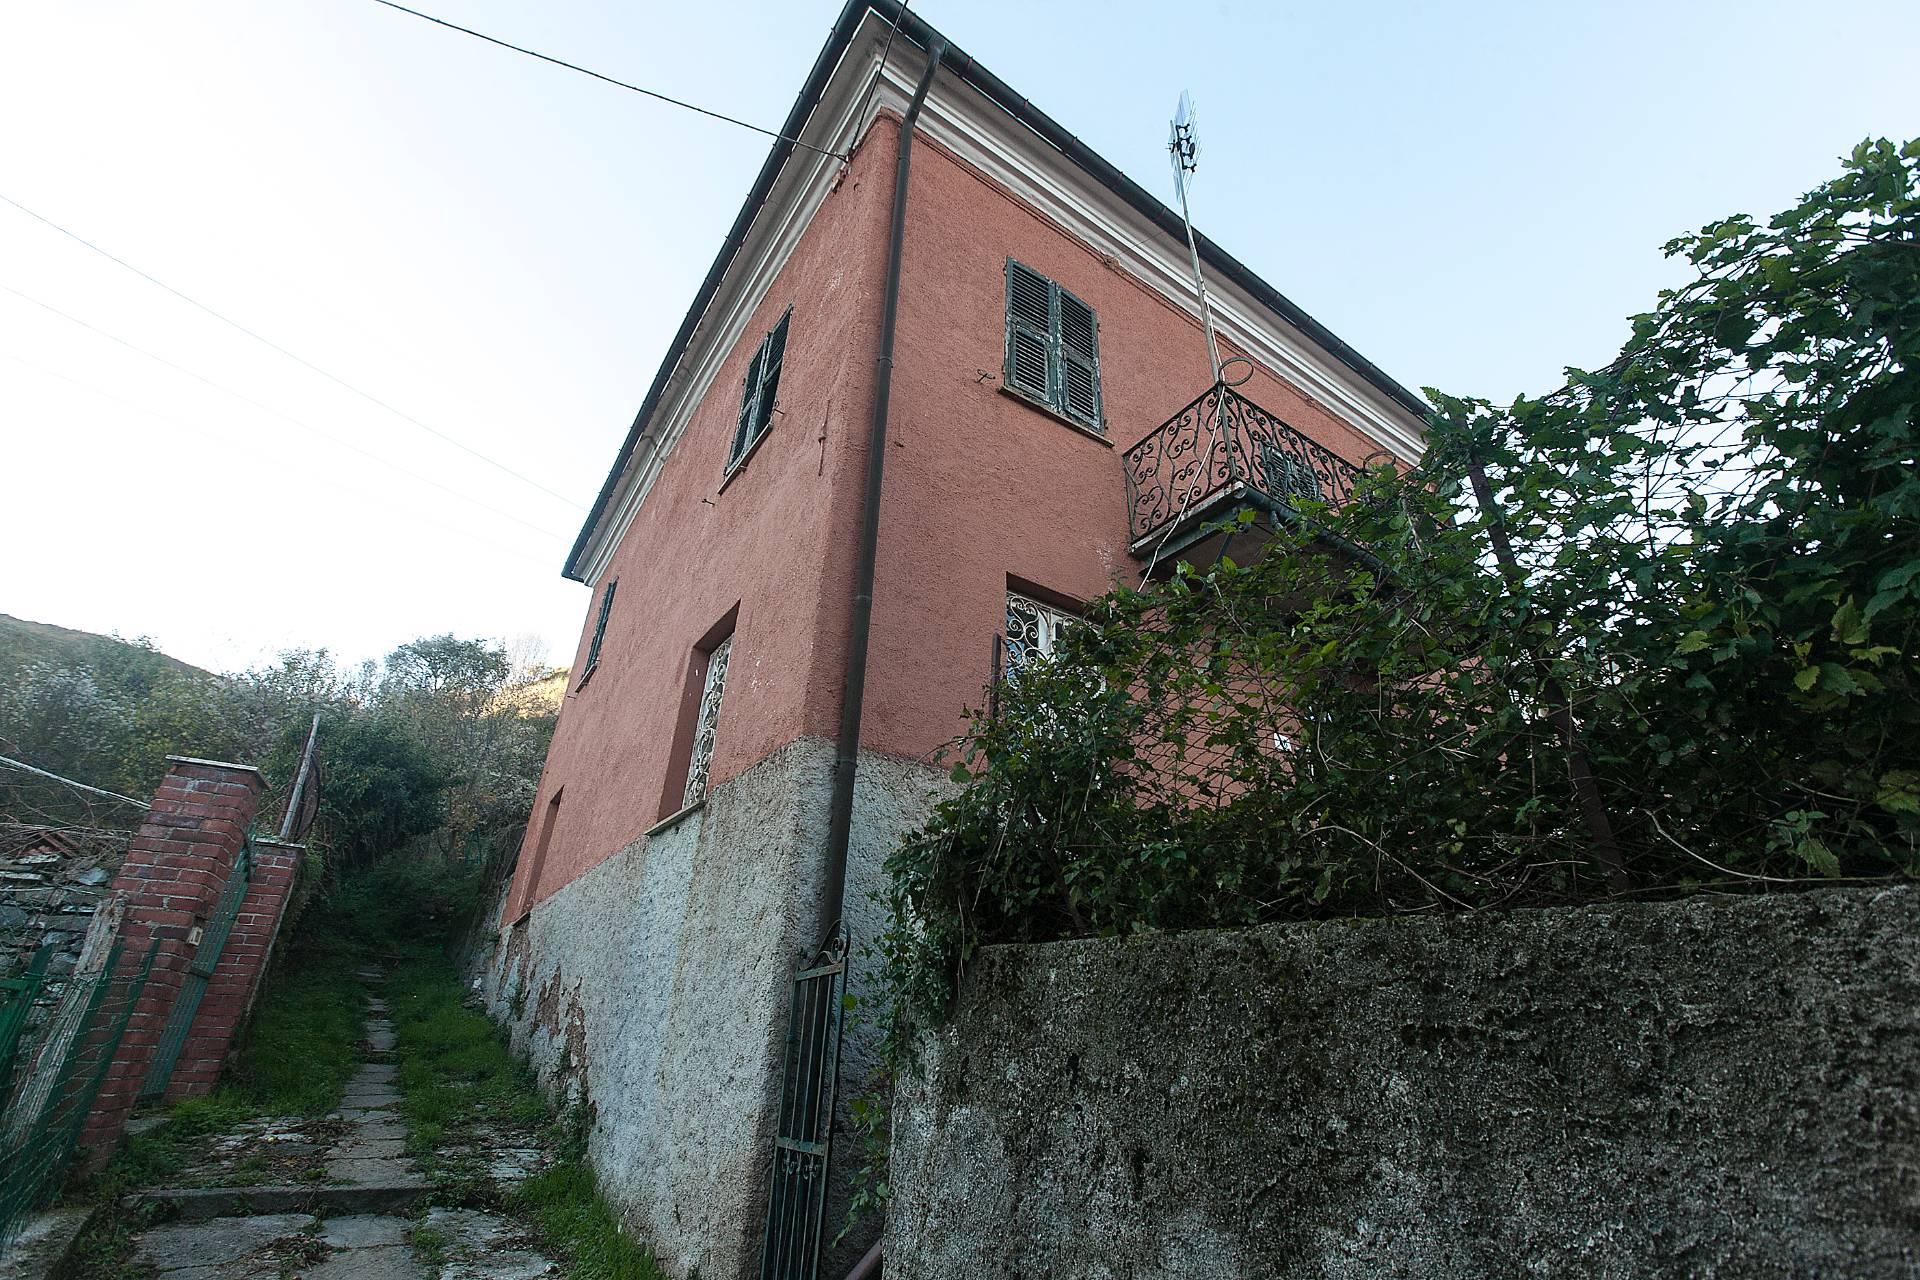 Soluzione Indipendente in vendita a Varese Ligure, 5 locali, zona Zona: Comuneglia, prezzo € 105.000 | CambioCasa.it